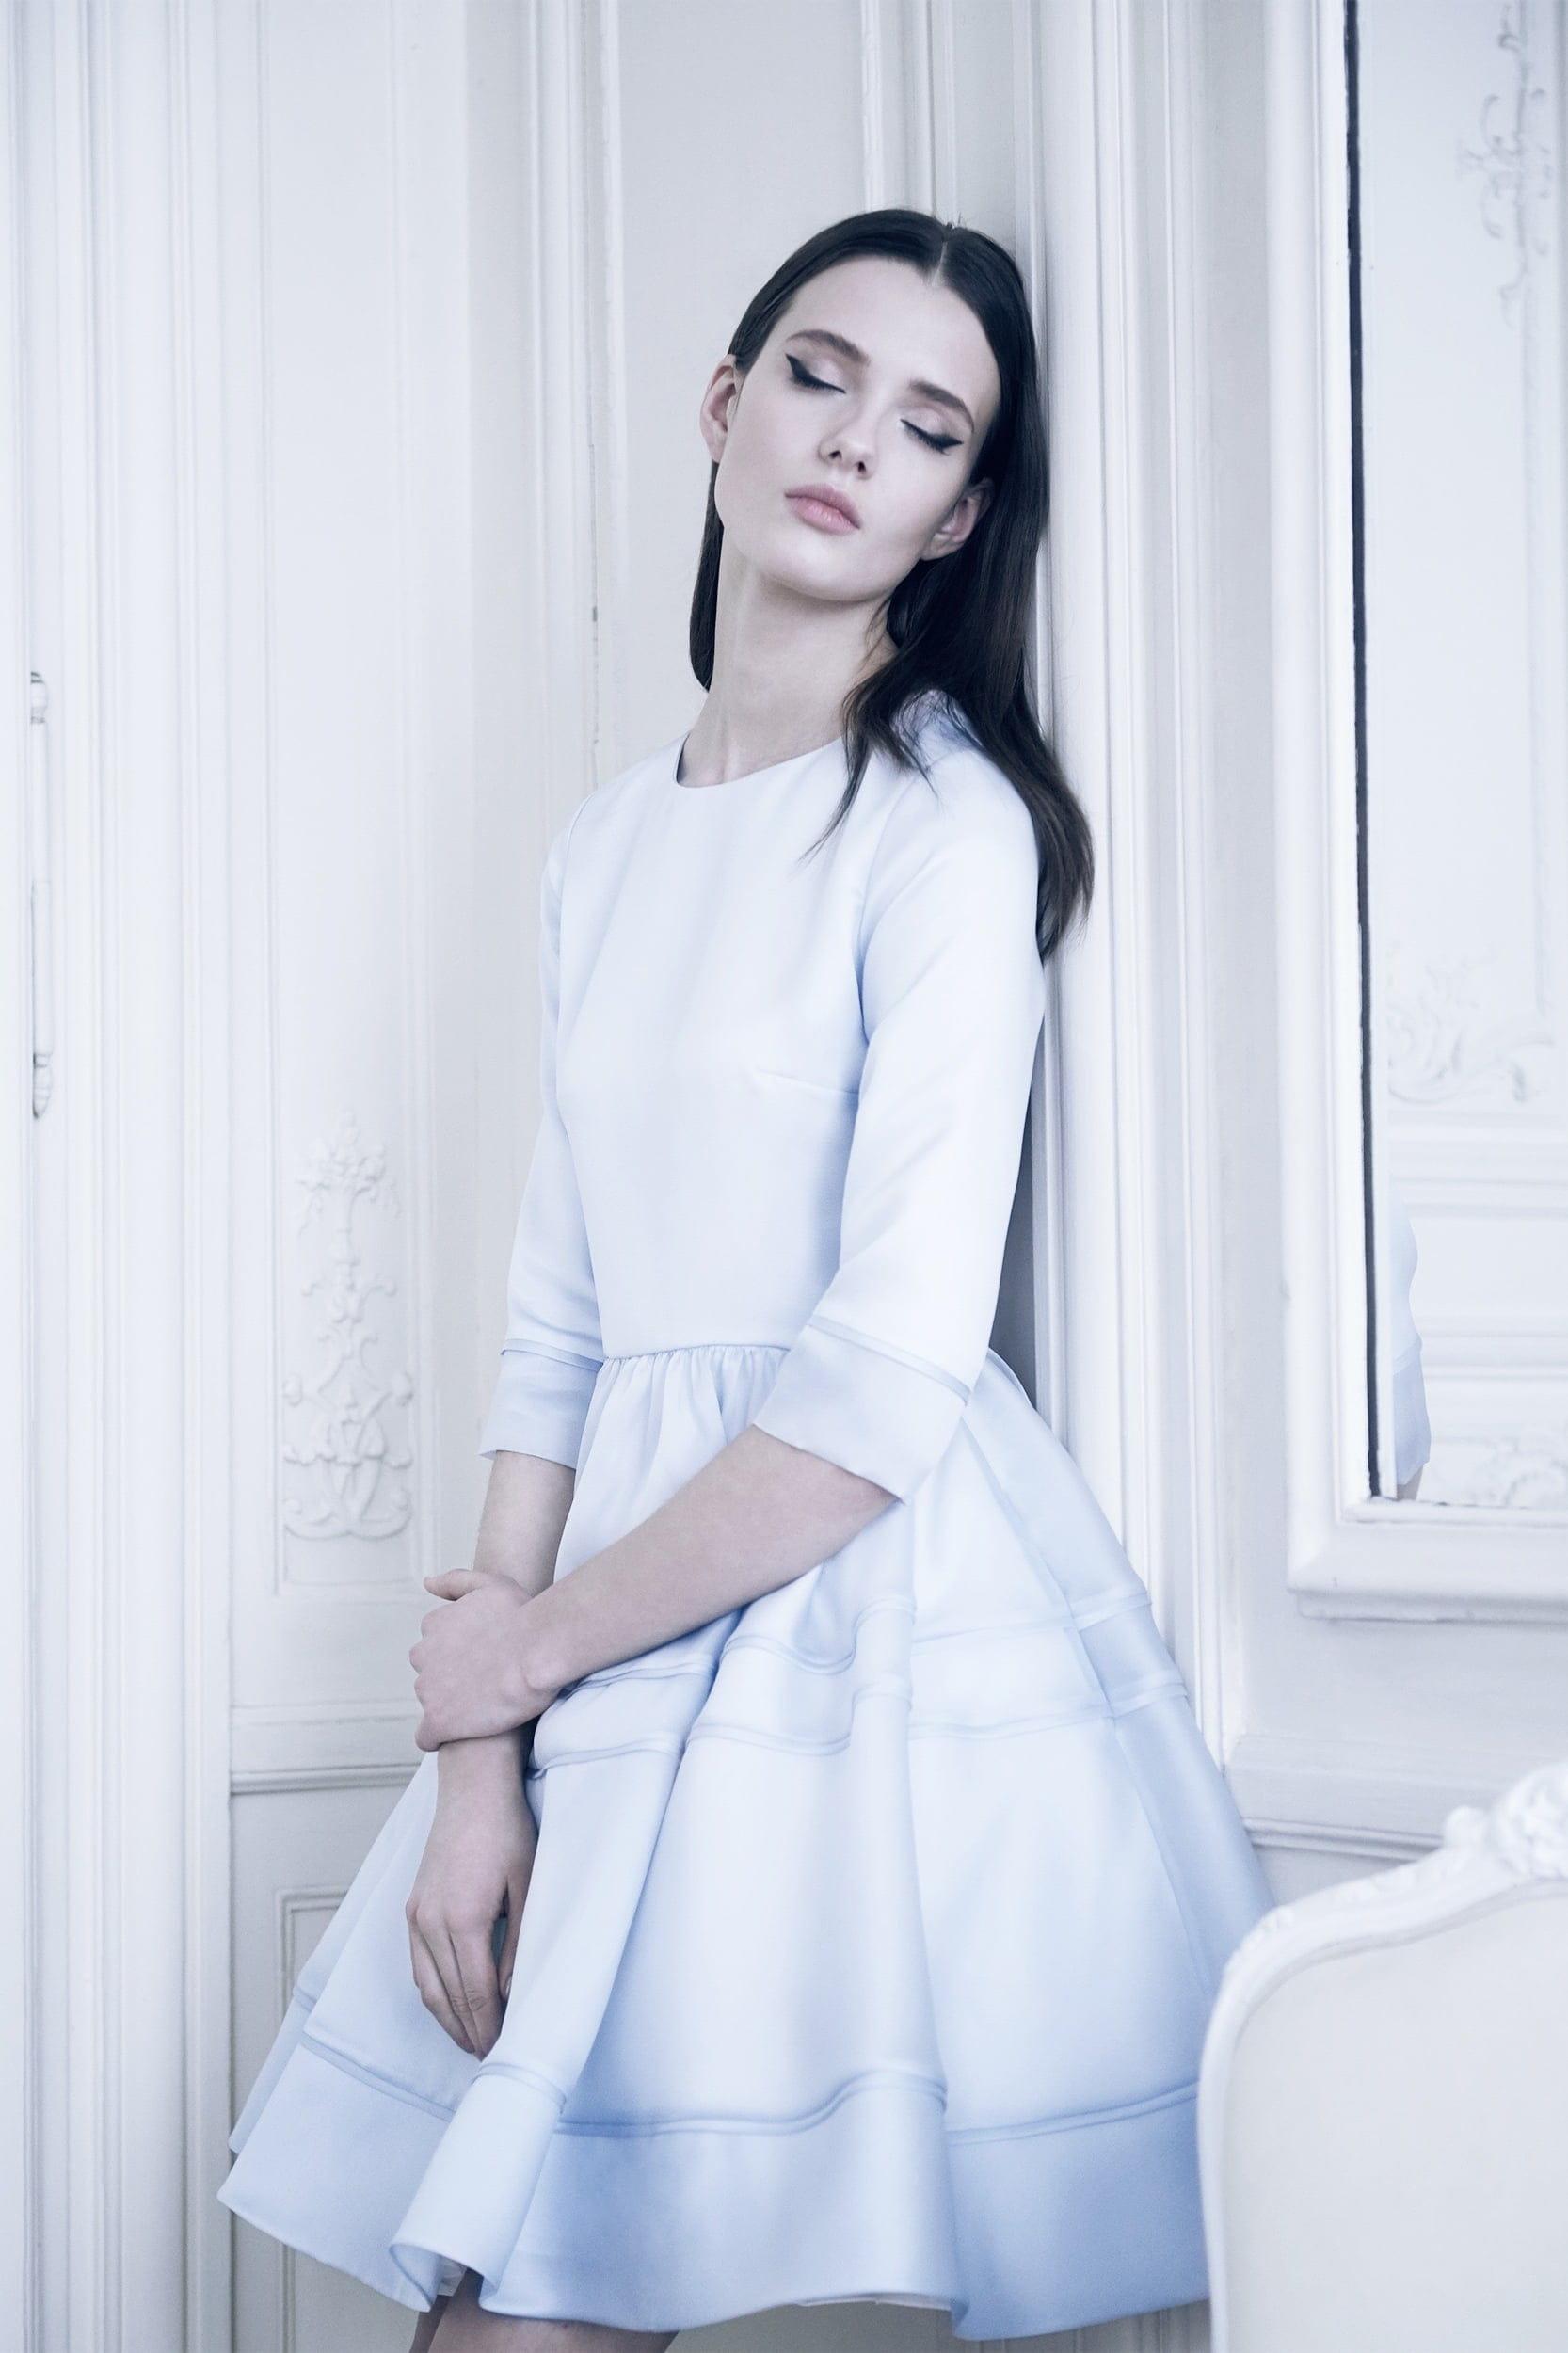 Robe de mariée Alexis de Delphine Manivet